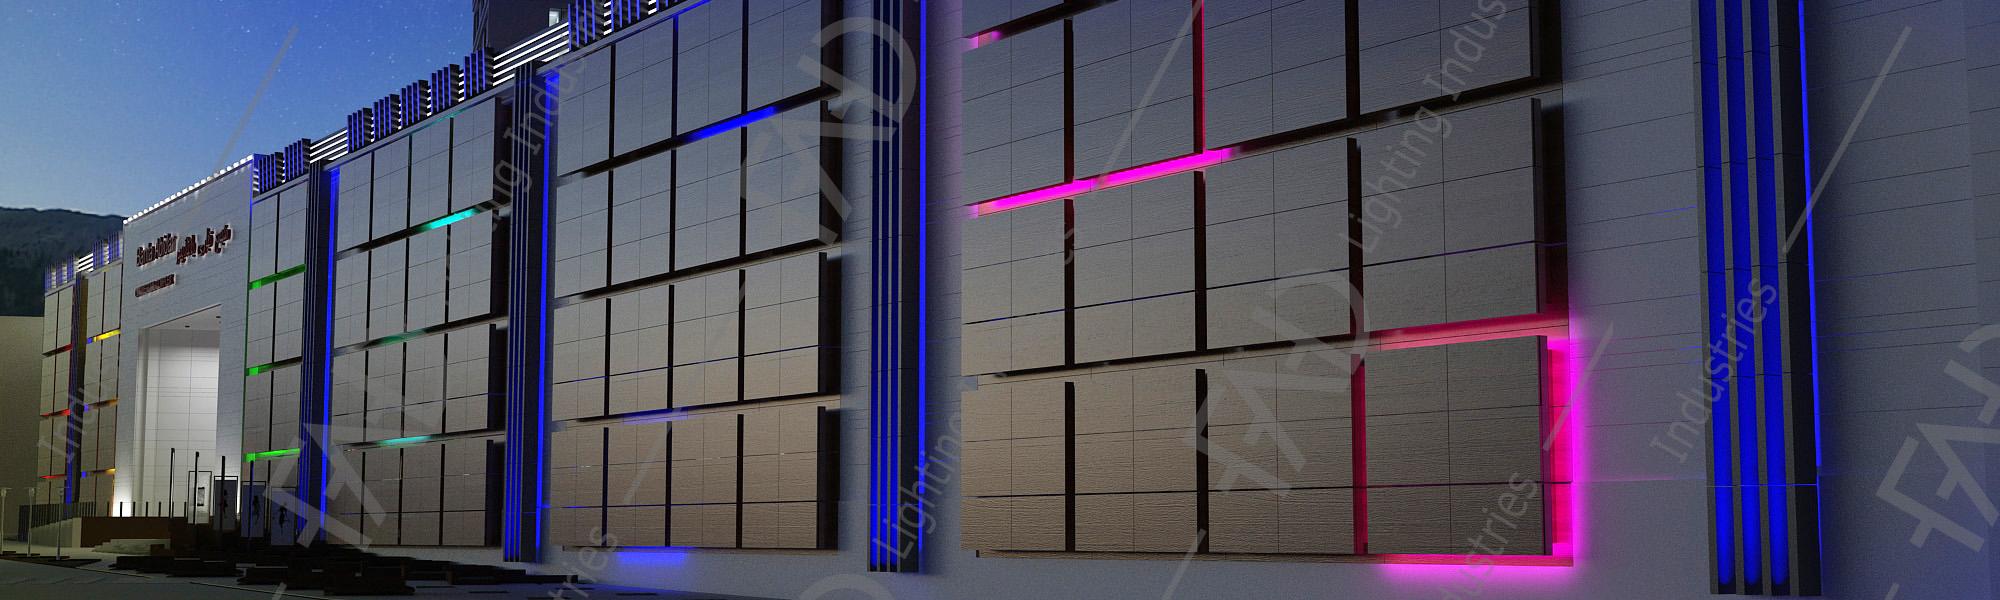 شرکت نورپردازی فاد - مجتمع تجاری بانتا